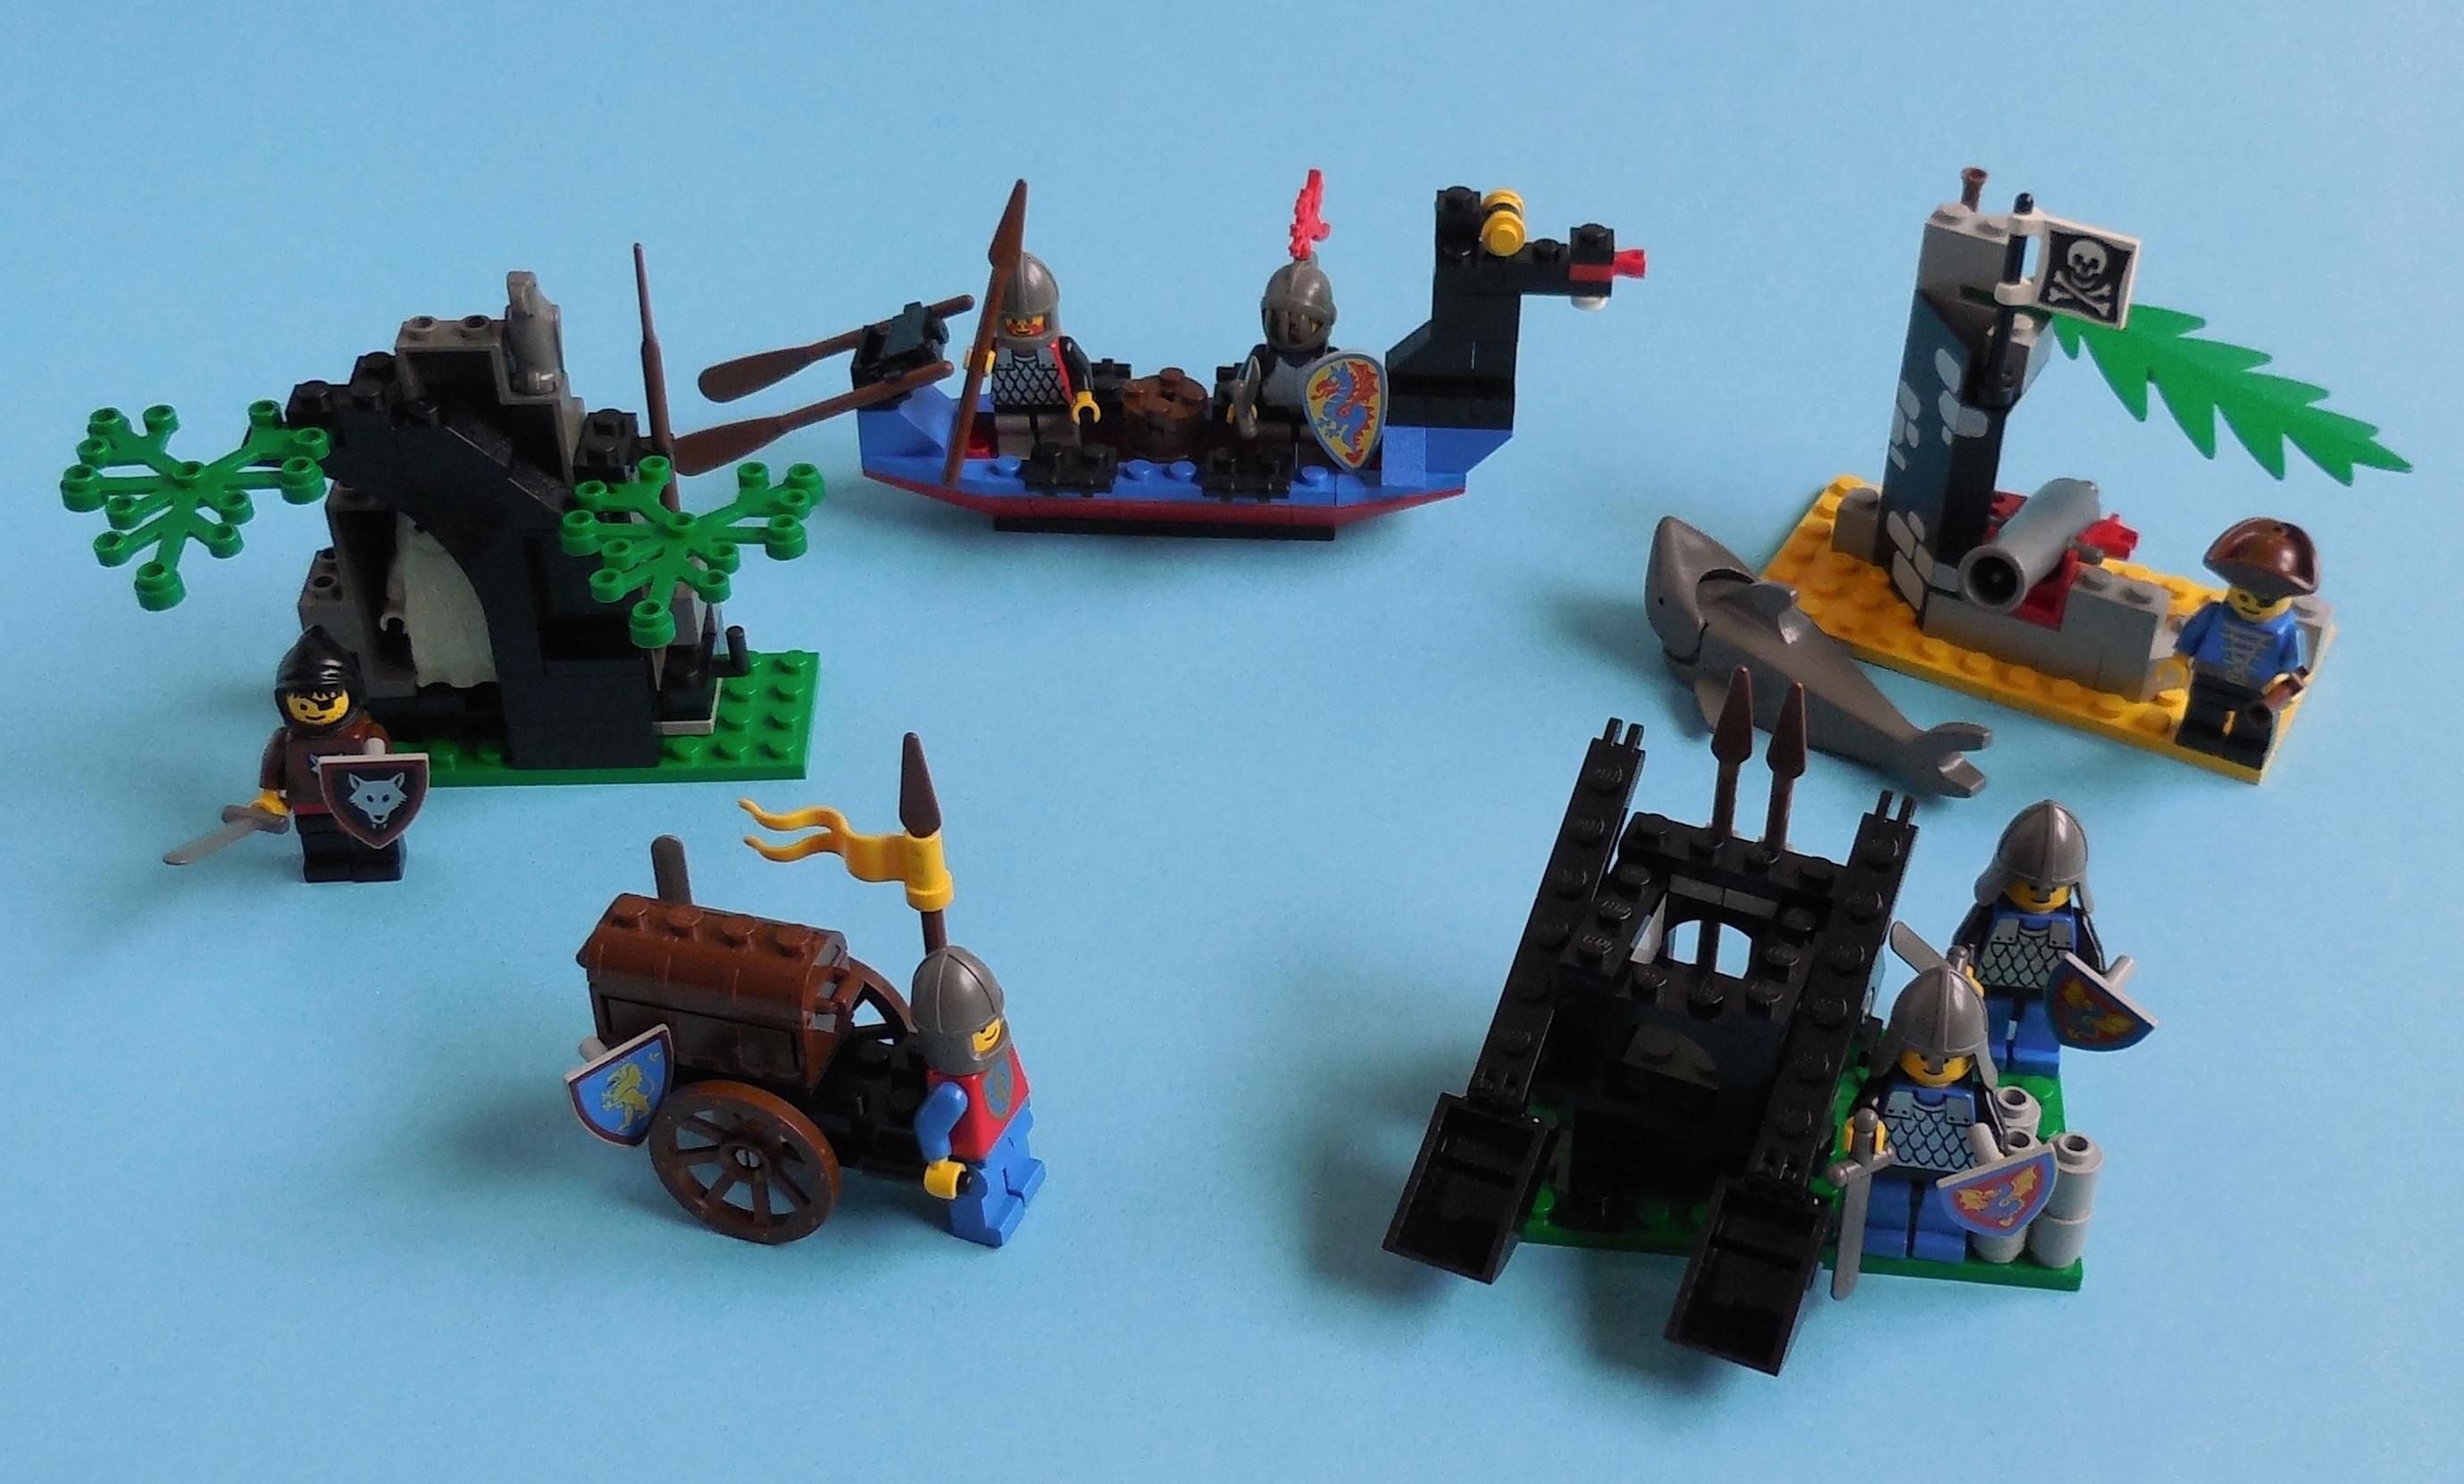 Rycerze I Piraci Od Lego W Niecodziennym Wydaniu Legos Soul